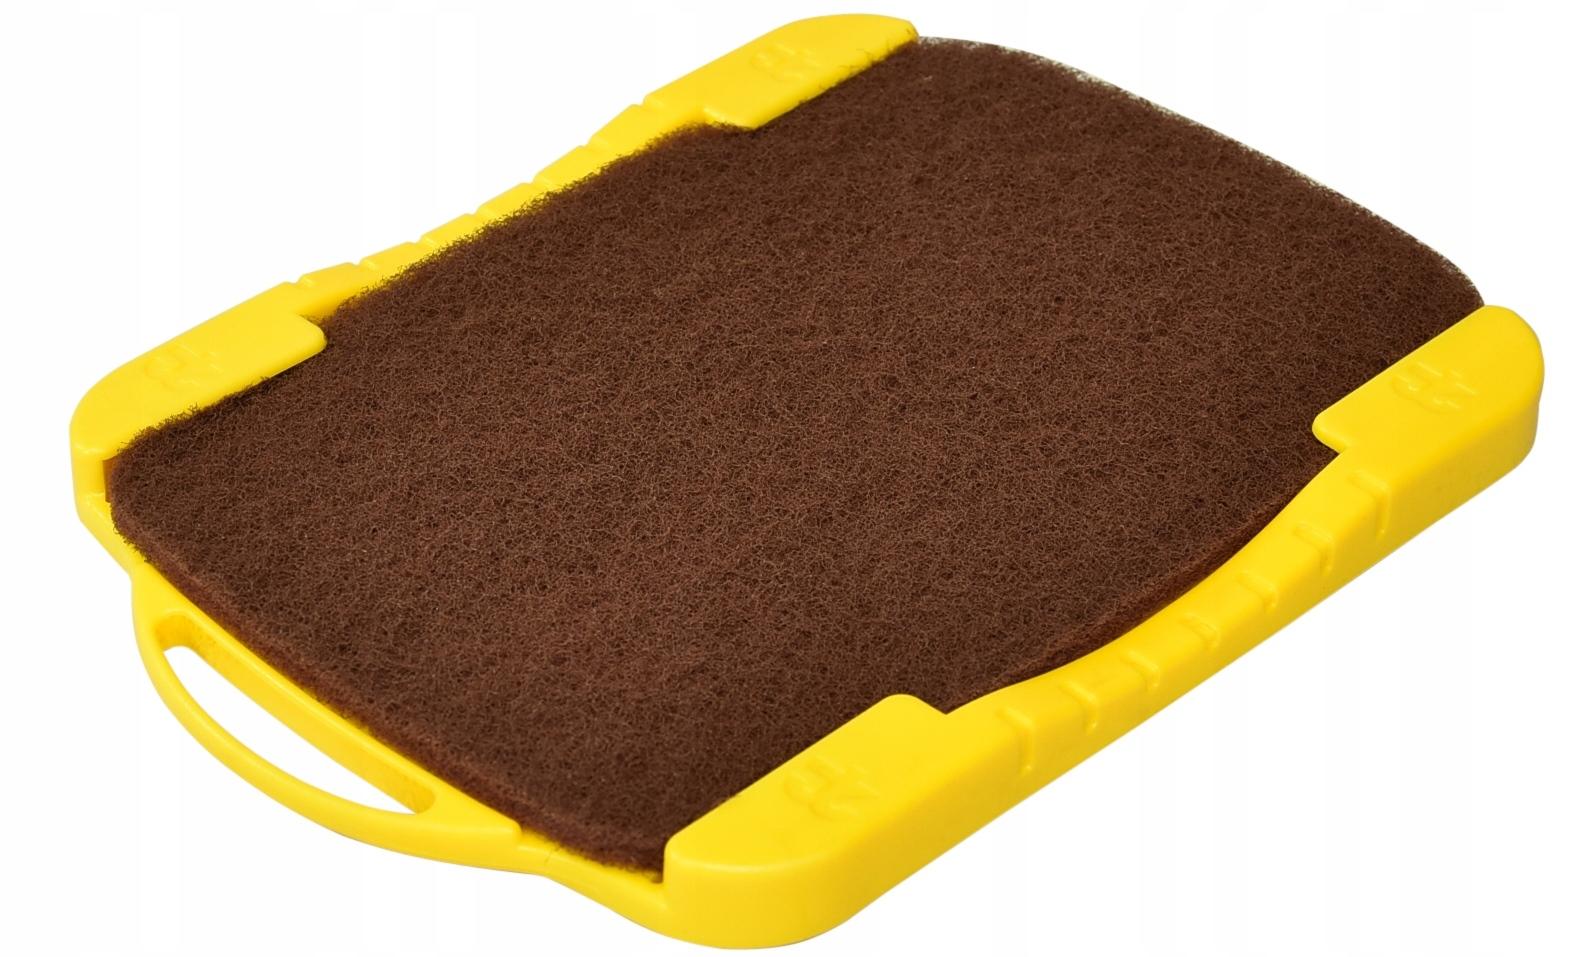 коврик для чистки утюга